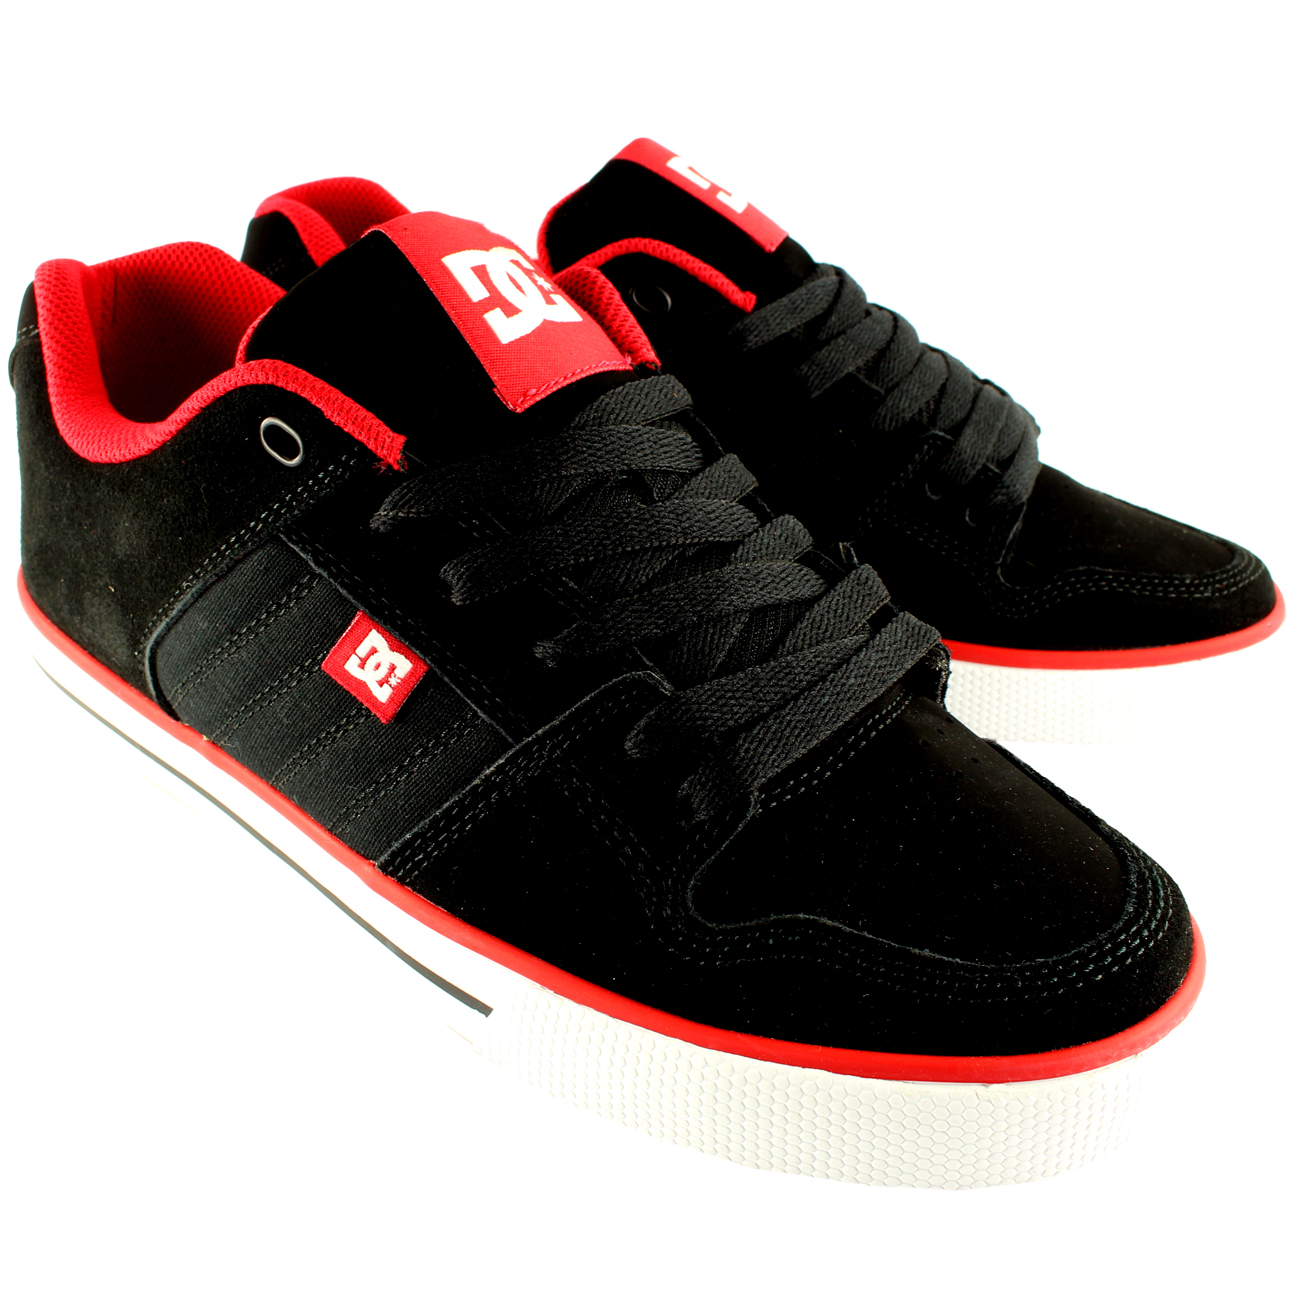 DC Shoes Course Skate Shoes